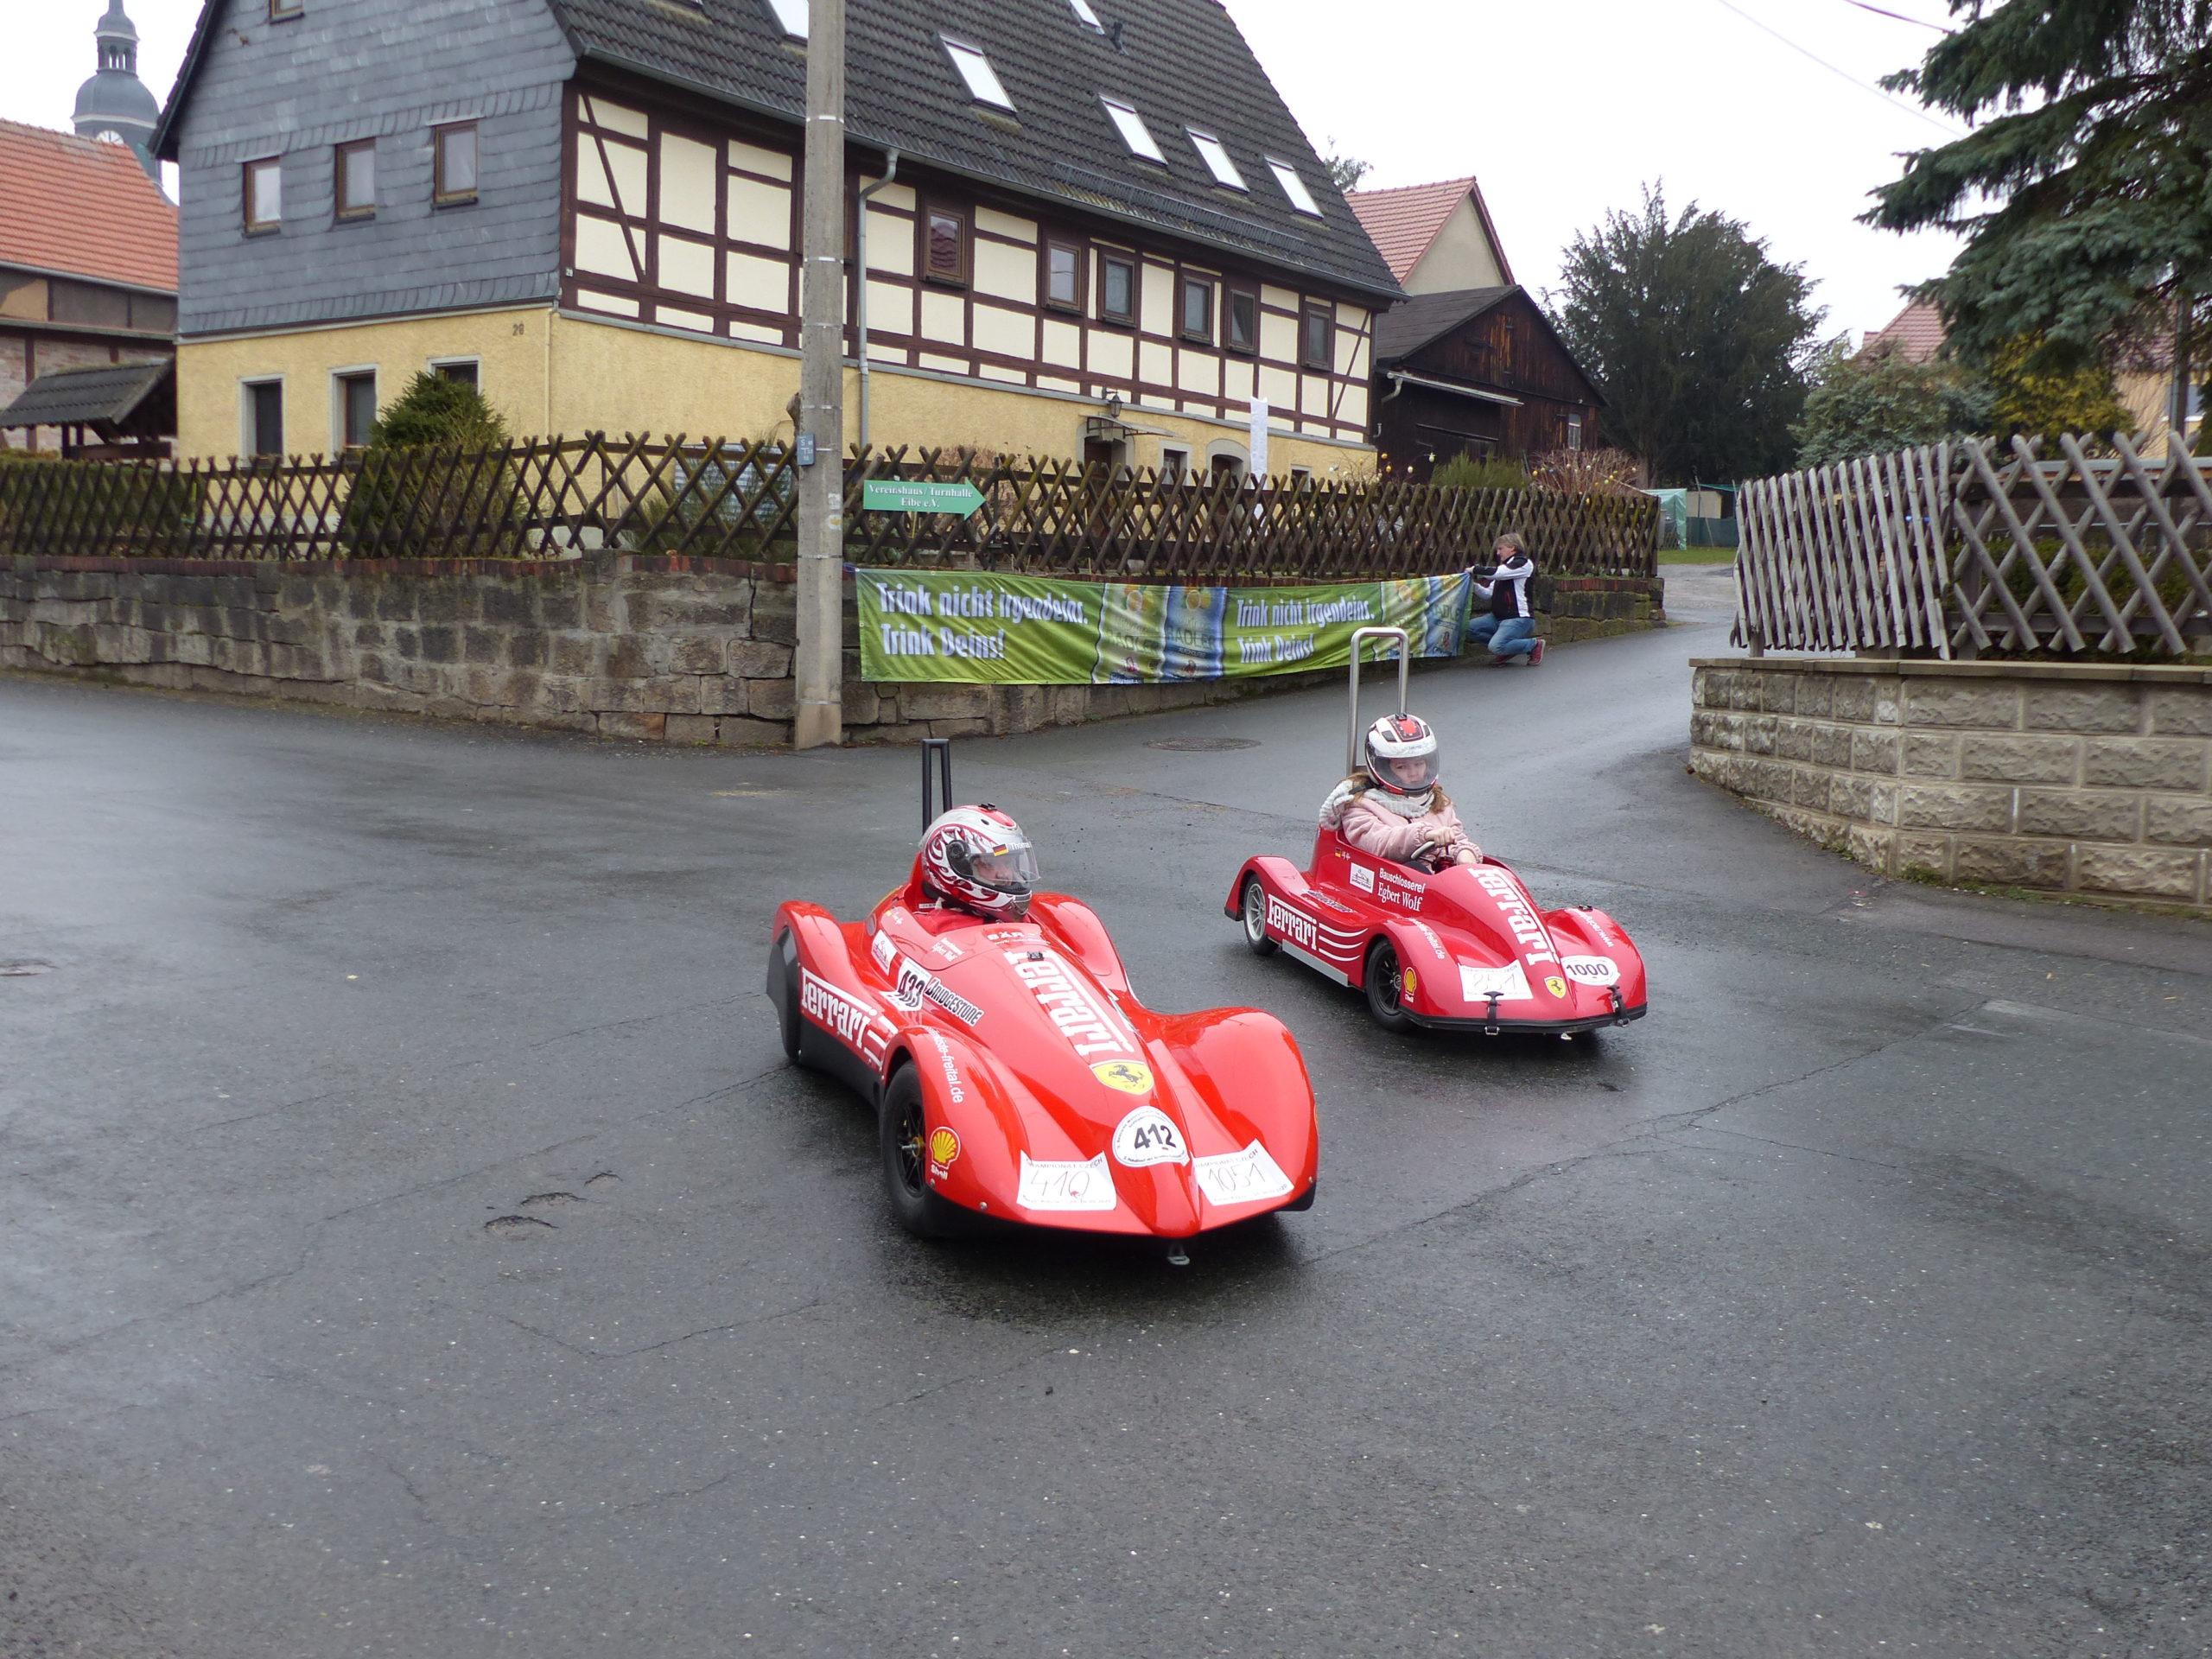 Vater und Tochter auf der zukünftigen Rennstrecke - Thomas Käfer (li.) und Lilly Käfer - Foto war nur für Pressetermin gestellt, da von EM-Teilnehmern die Strecke im Jahr der EM nicht getestet werden darf